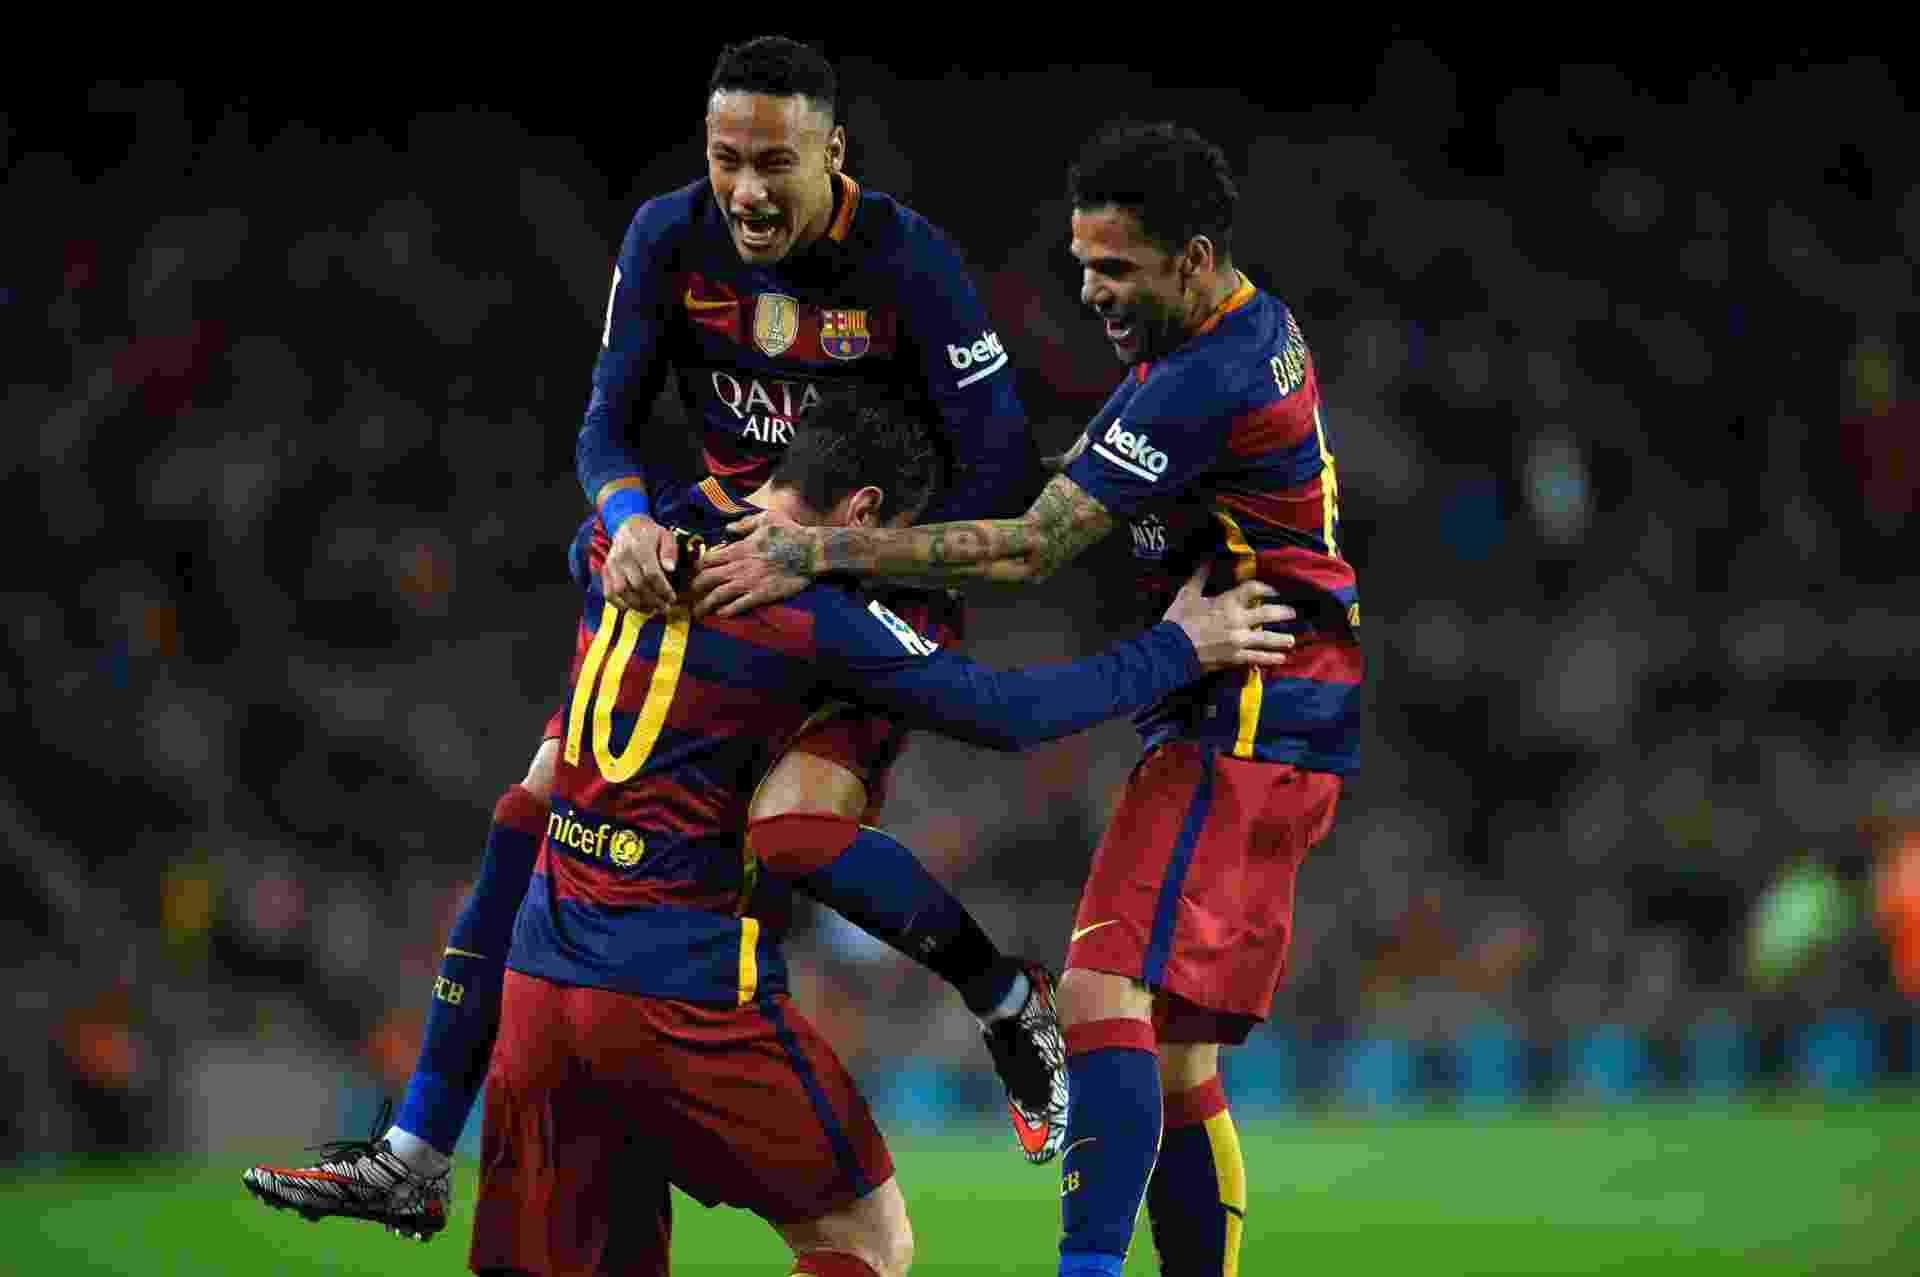 Neymar e Dani Alves abraçam Messi após o argentino abrir o placar para o Barcelona contra o Celta de Vigo - AFP / LLUIS GENE